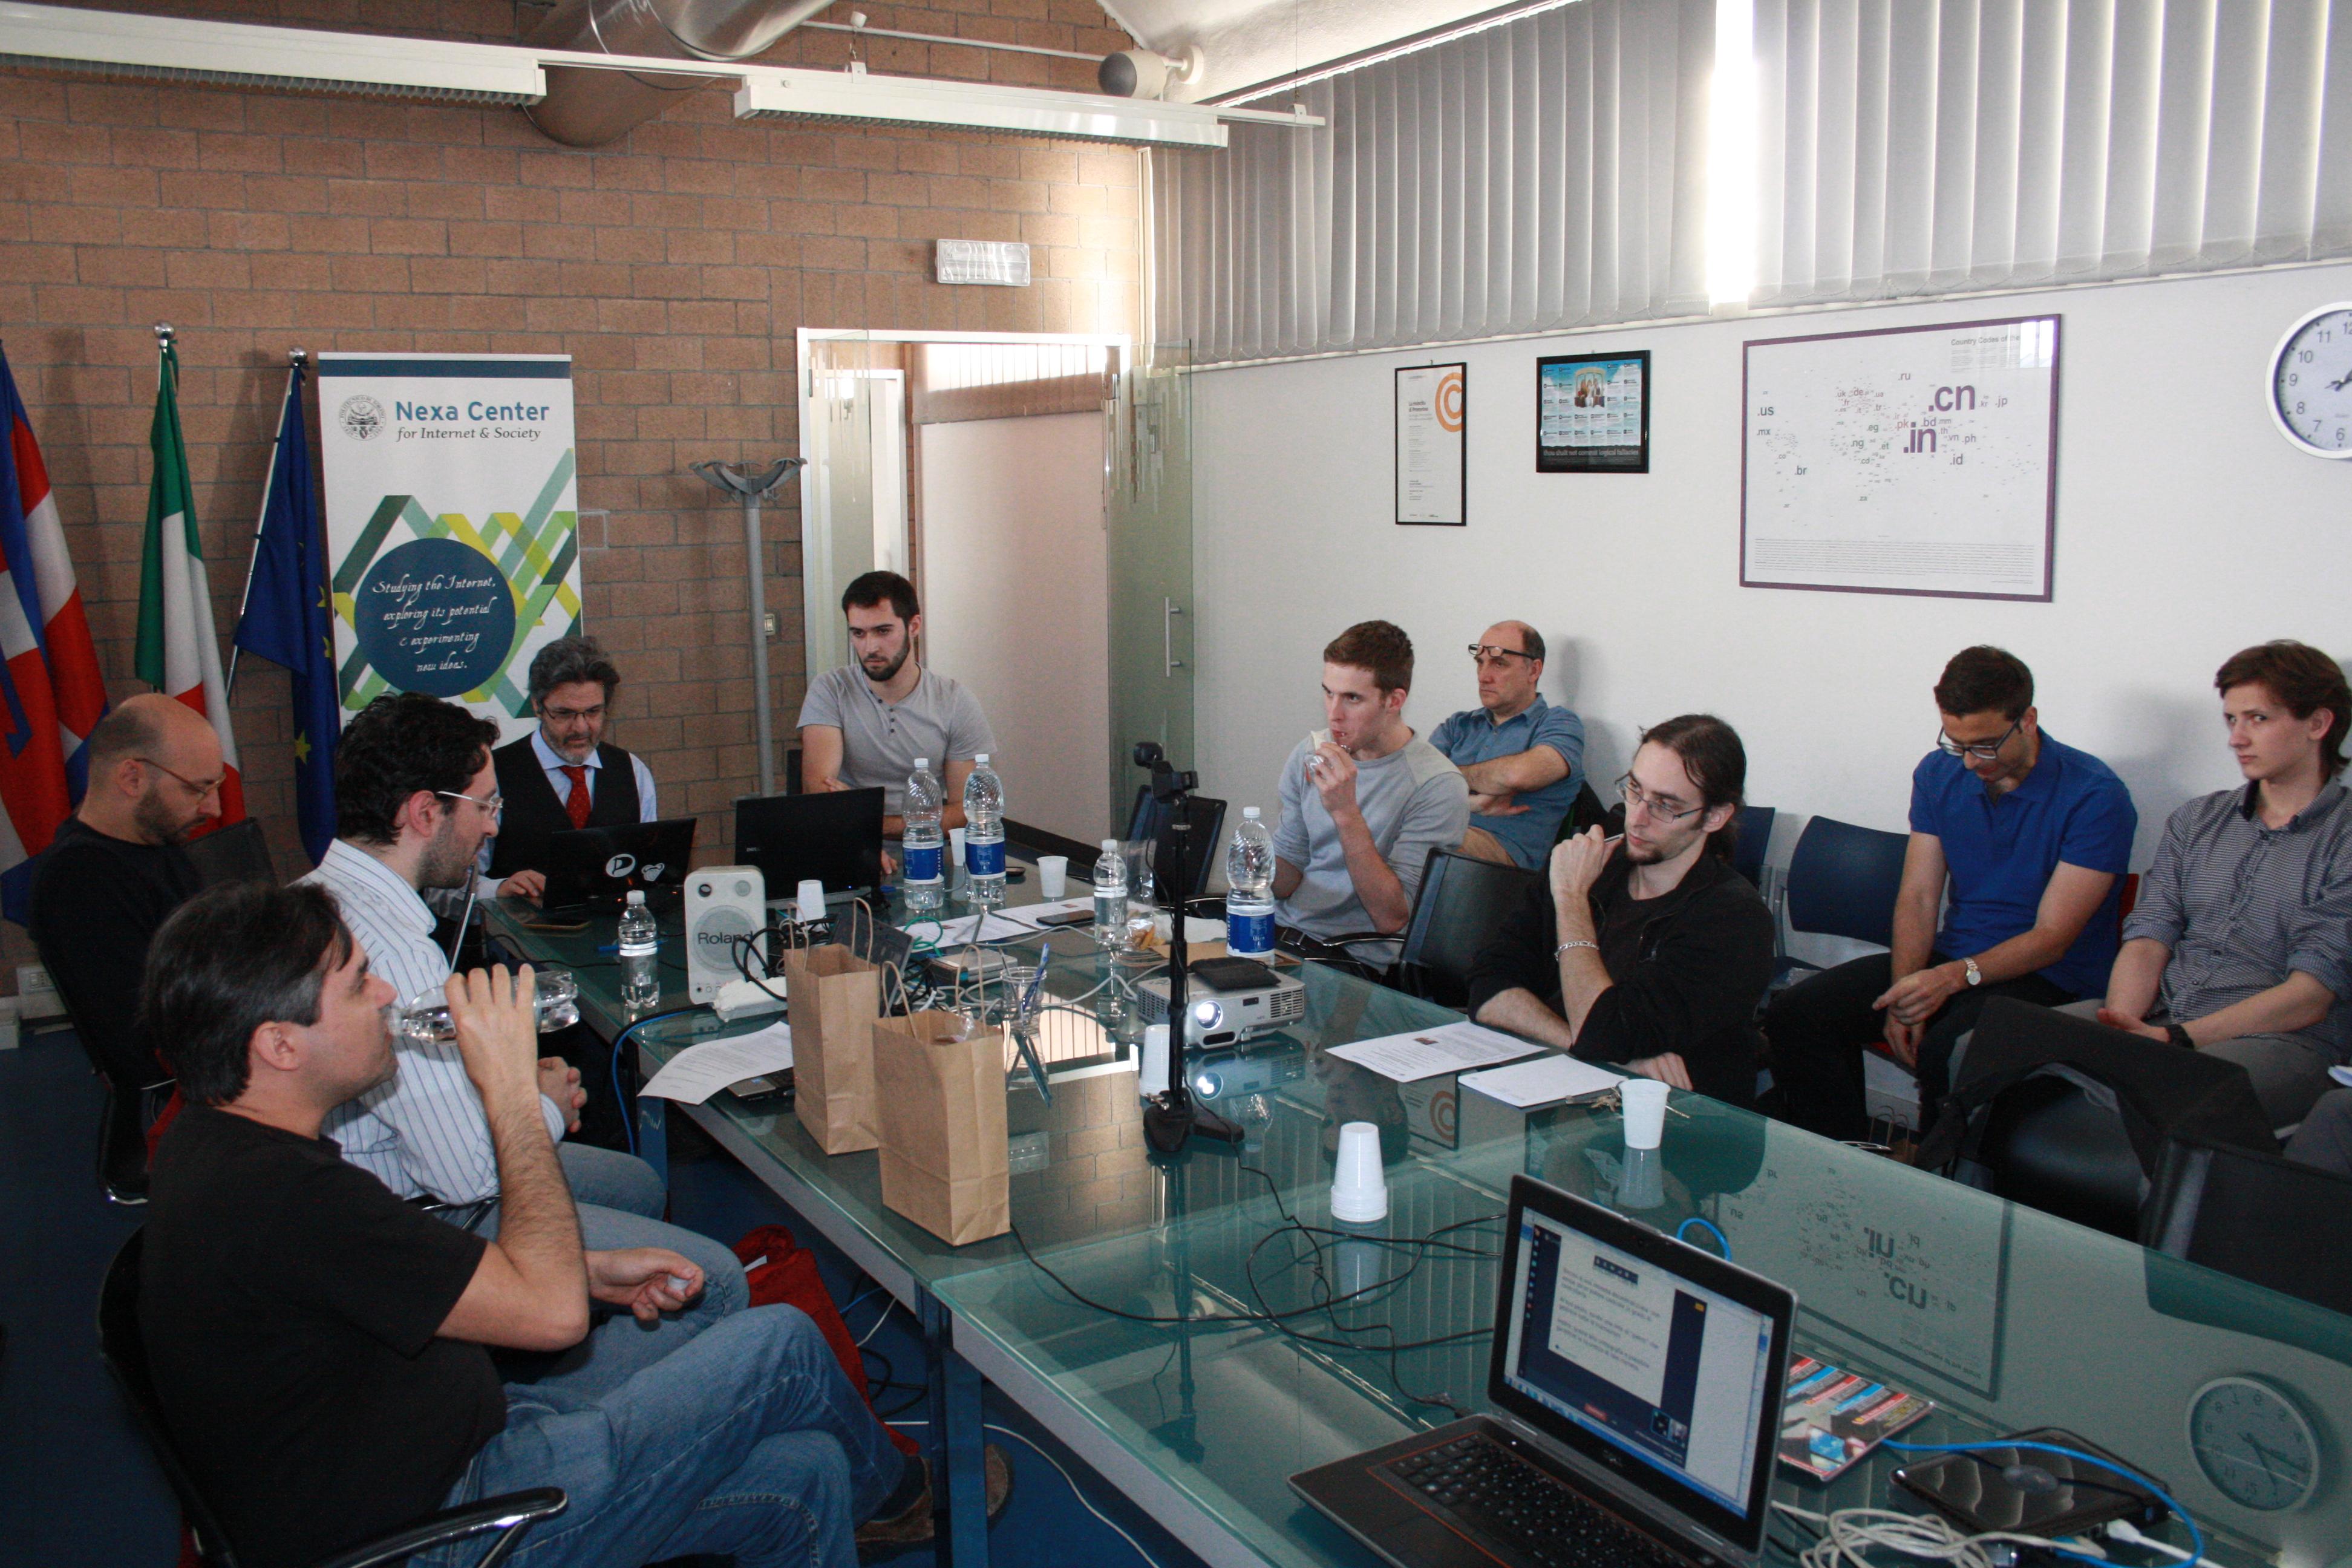 20° Nexa Lunch Seminar - Criptovalute, questioni tecnologiche e implicazioni politiche